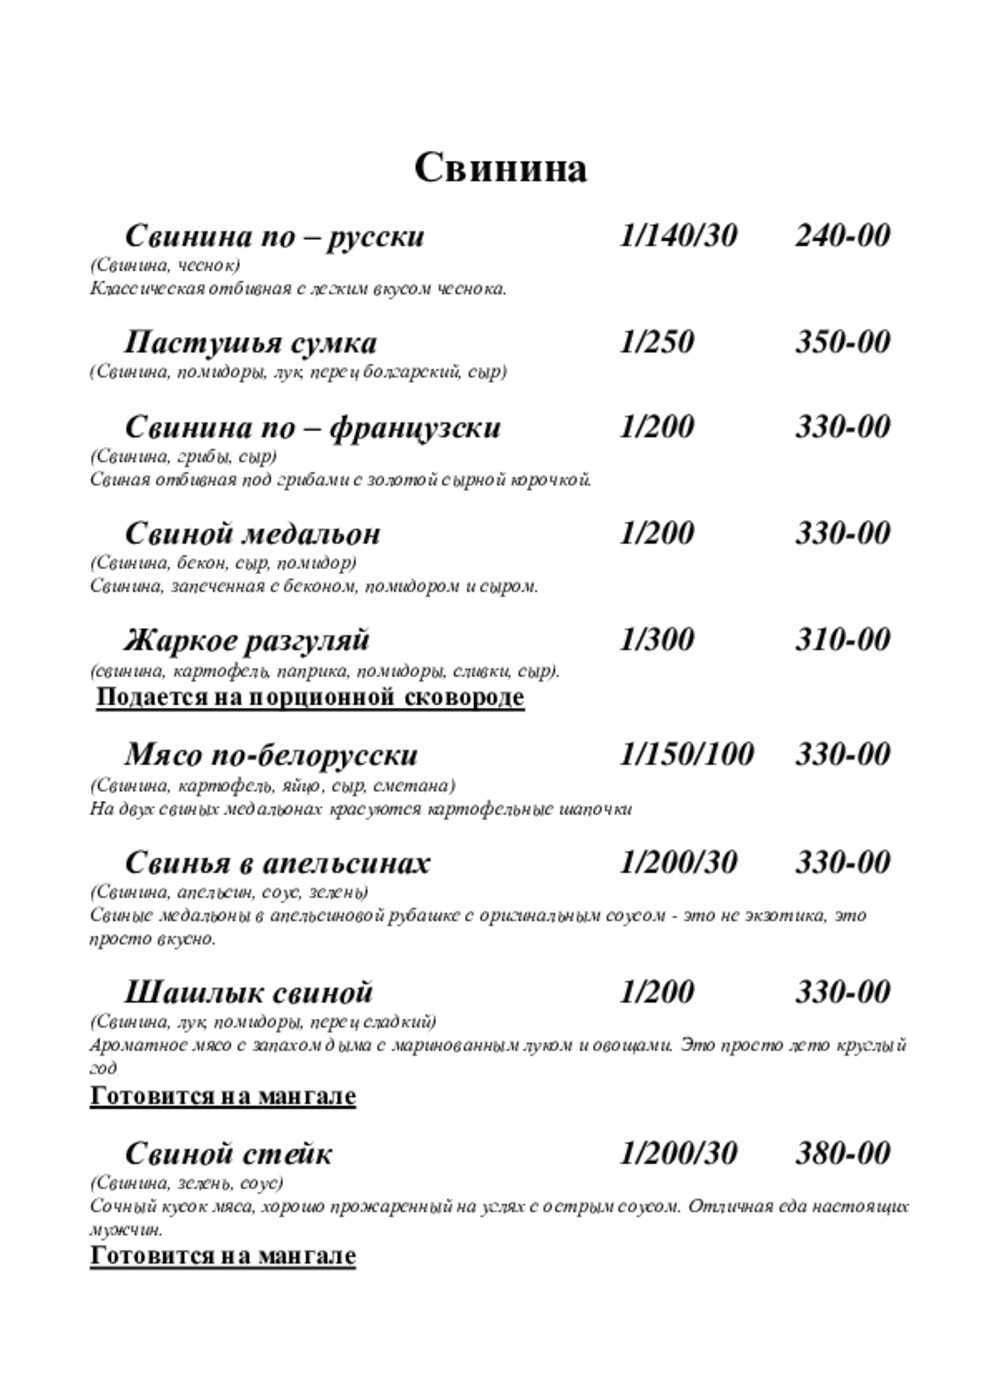 Меню кафе Старый город на улице Достоевского фото 4